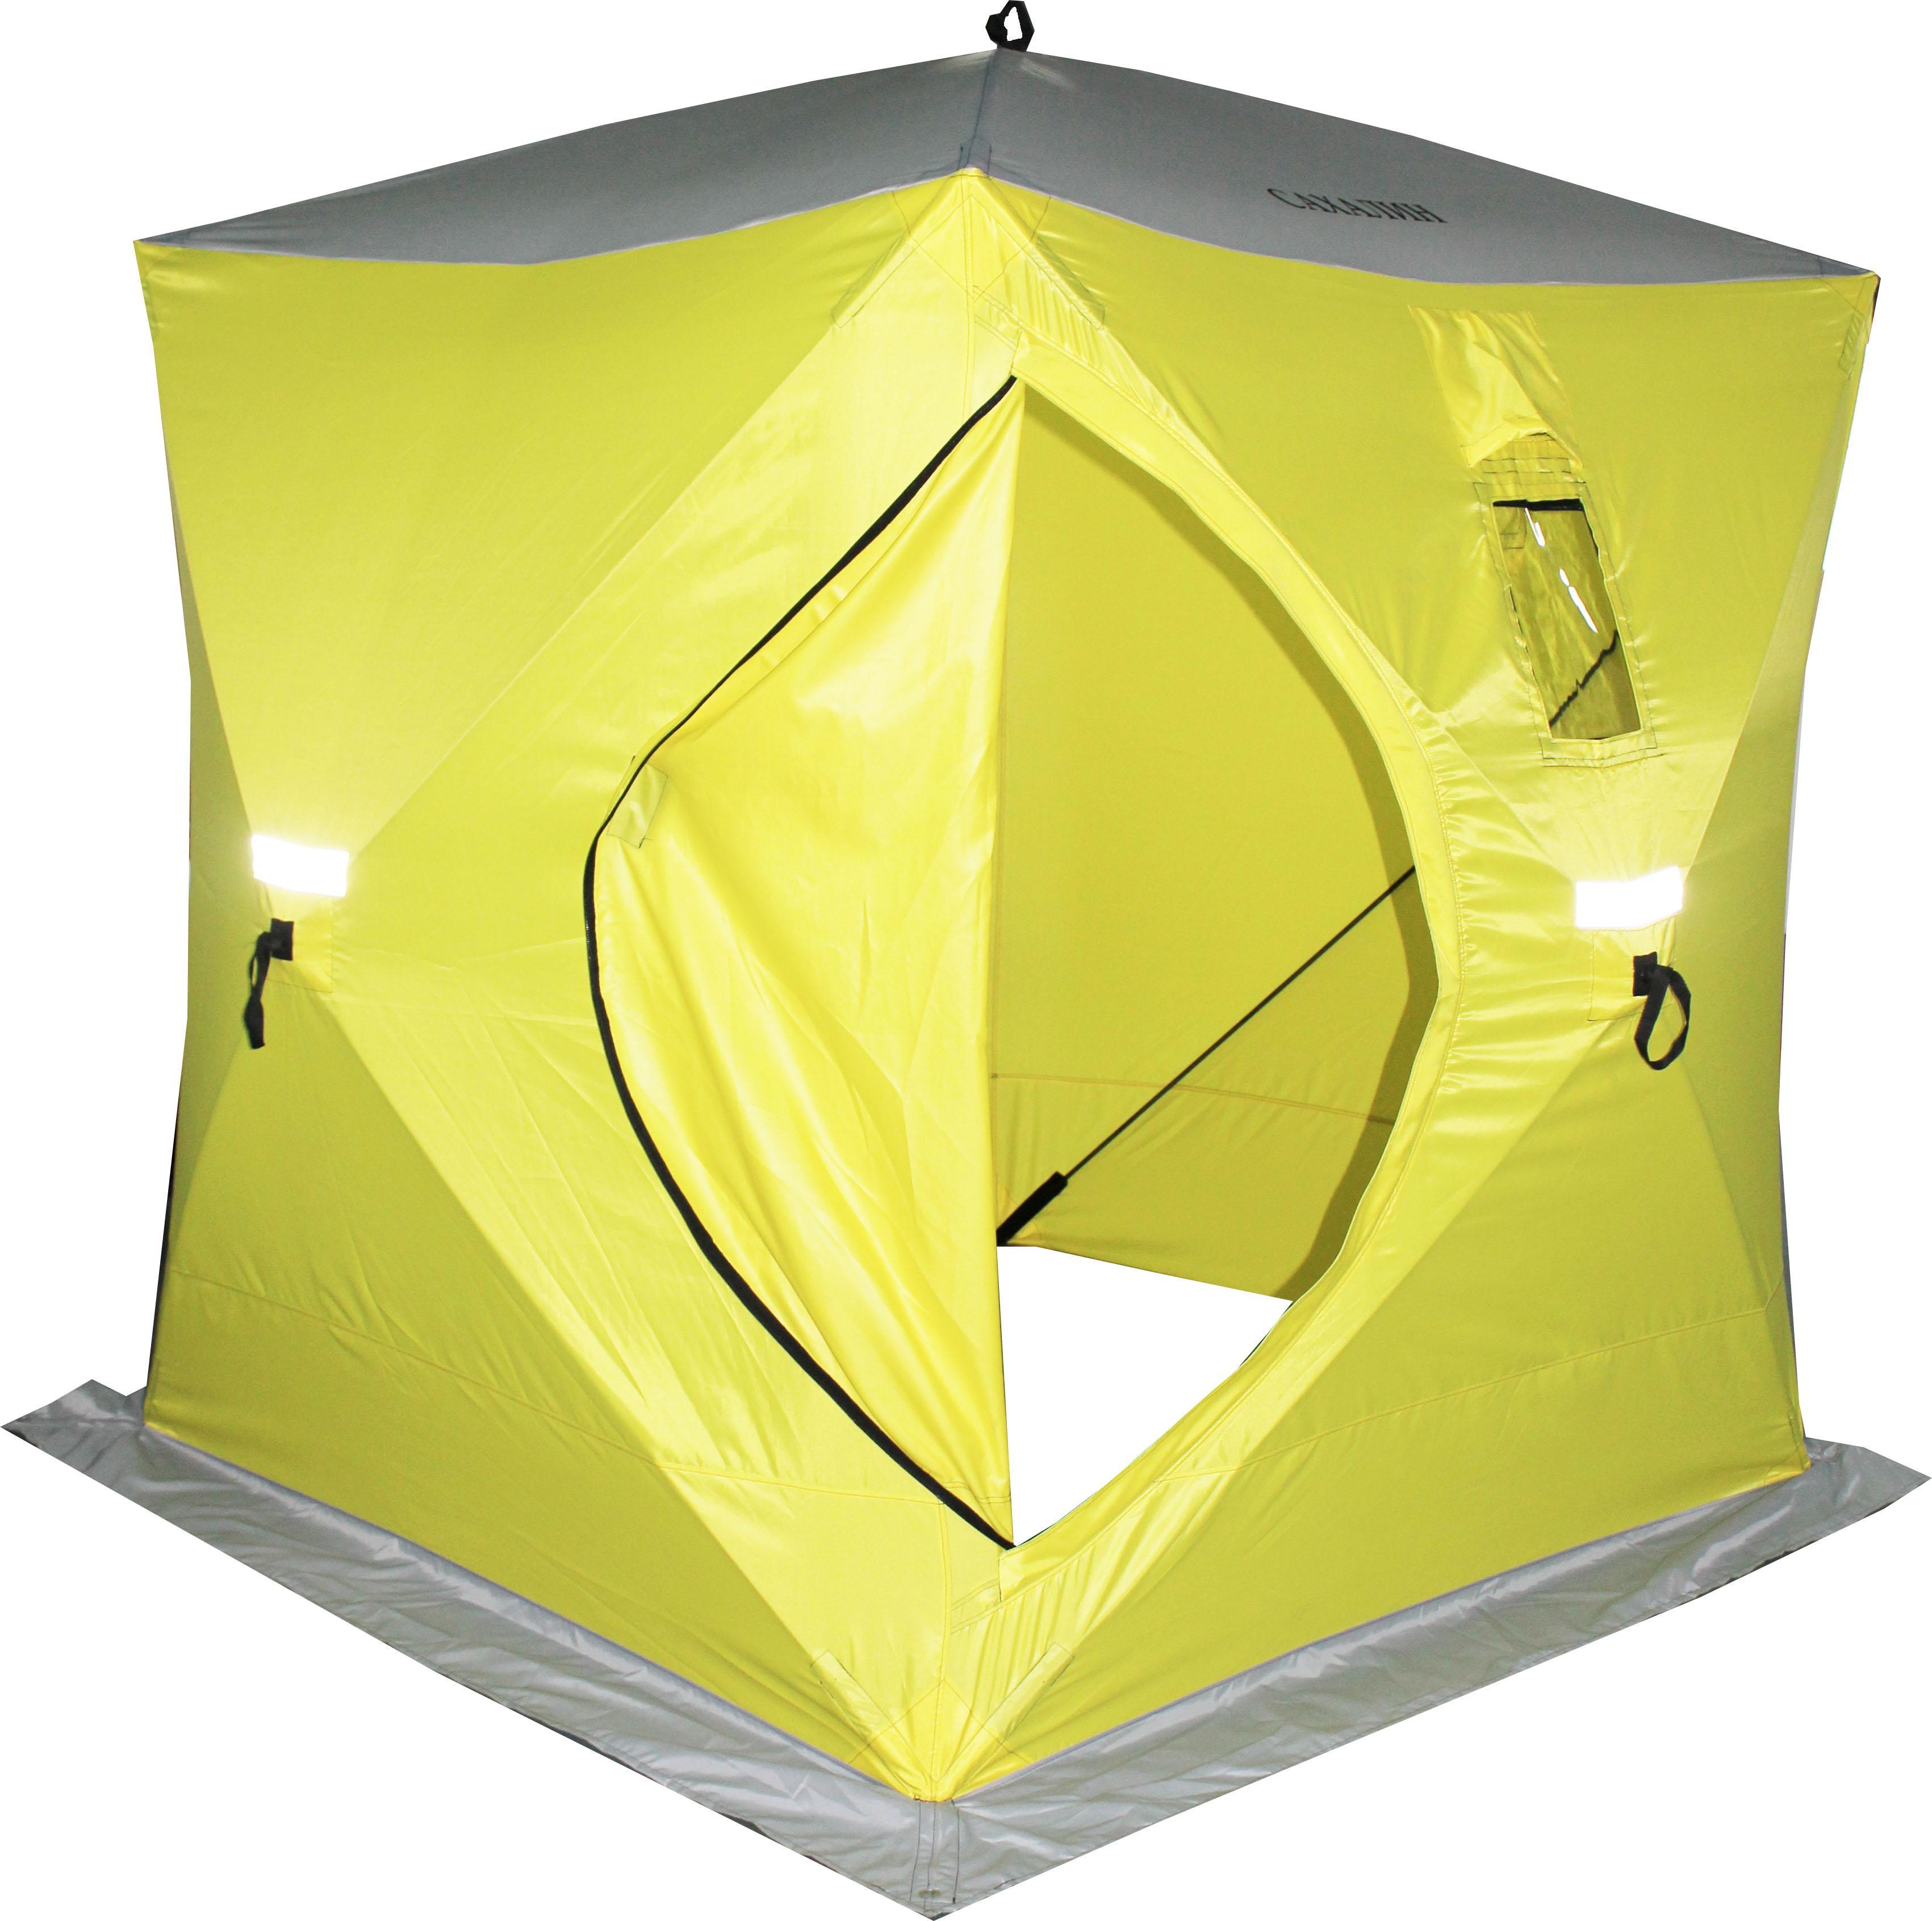 Палатка для зимней рыбалки Сахалин 4, Палатки автоматы - арт. 485480325